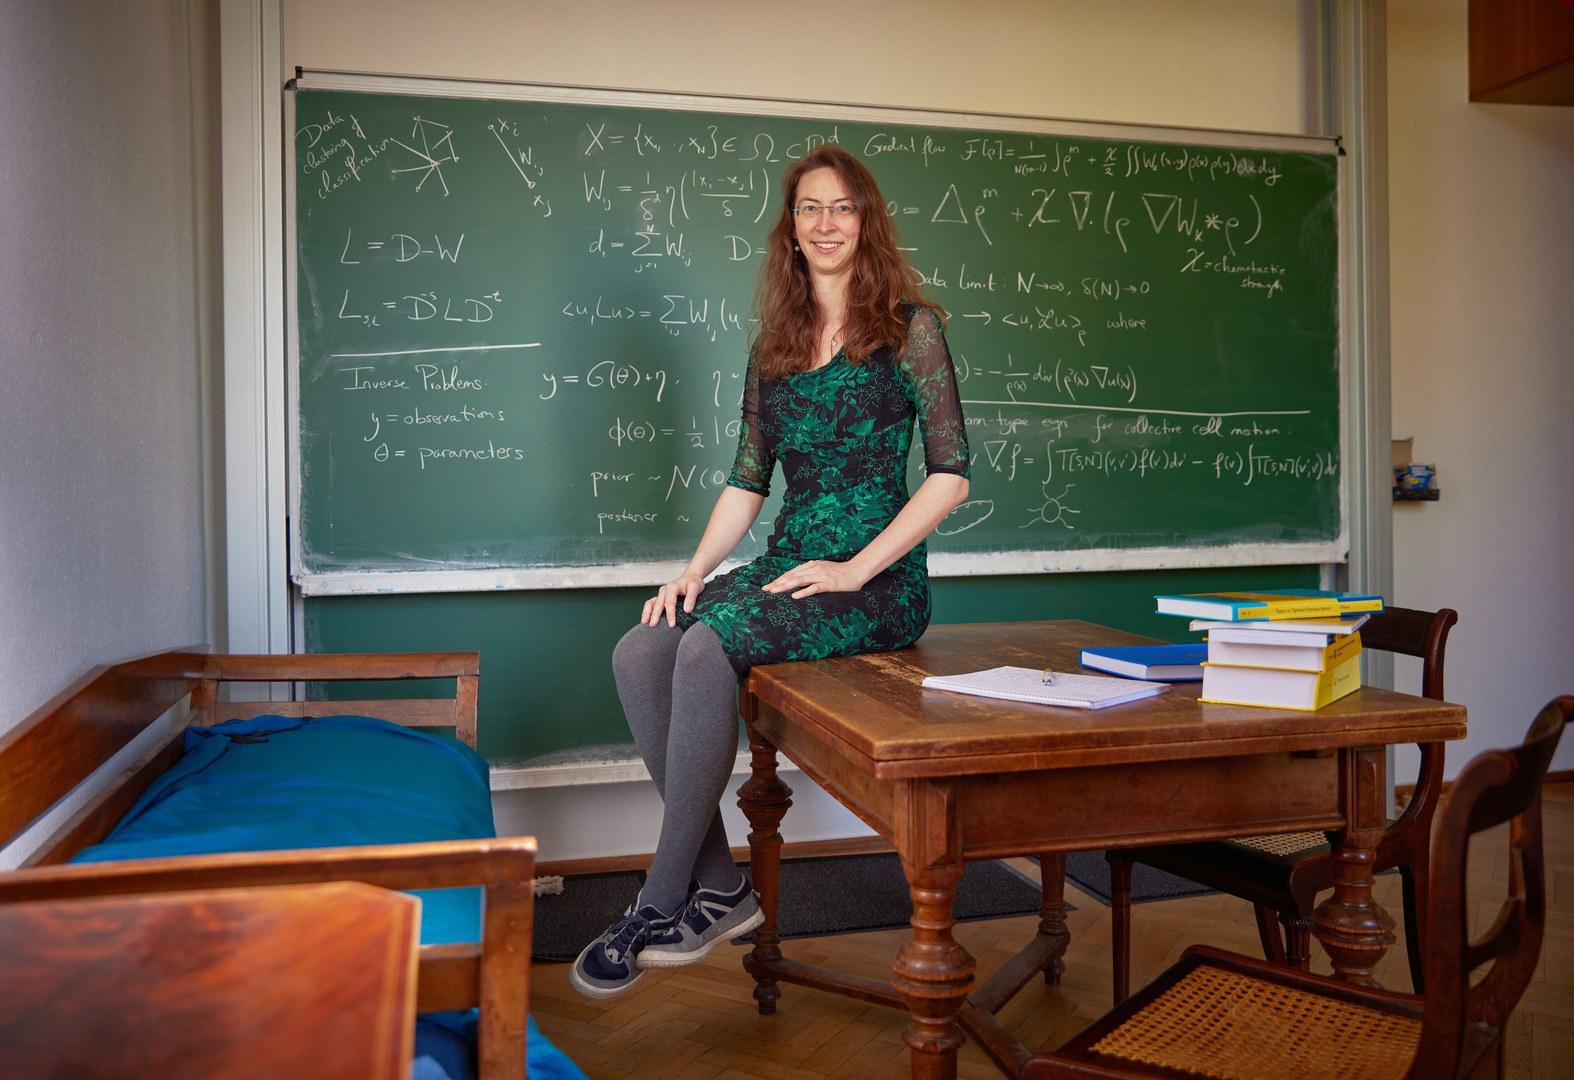 Prof. Dr. Franca Hoffmann liebt Veränderung, findet in ihrem Büro an der Uni Bonn aber einen Anker – mit den Möbeln ihrer Großeltern.